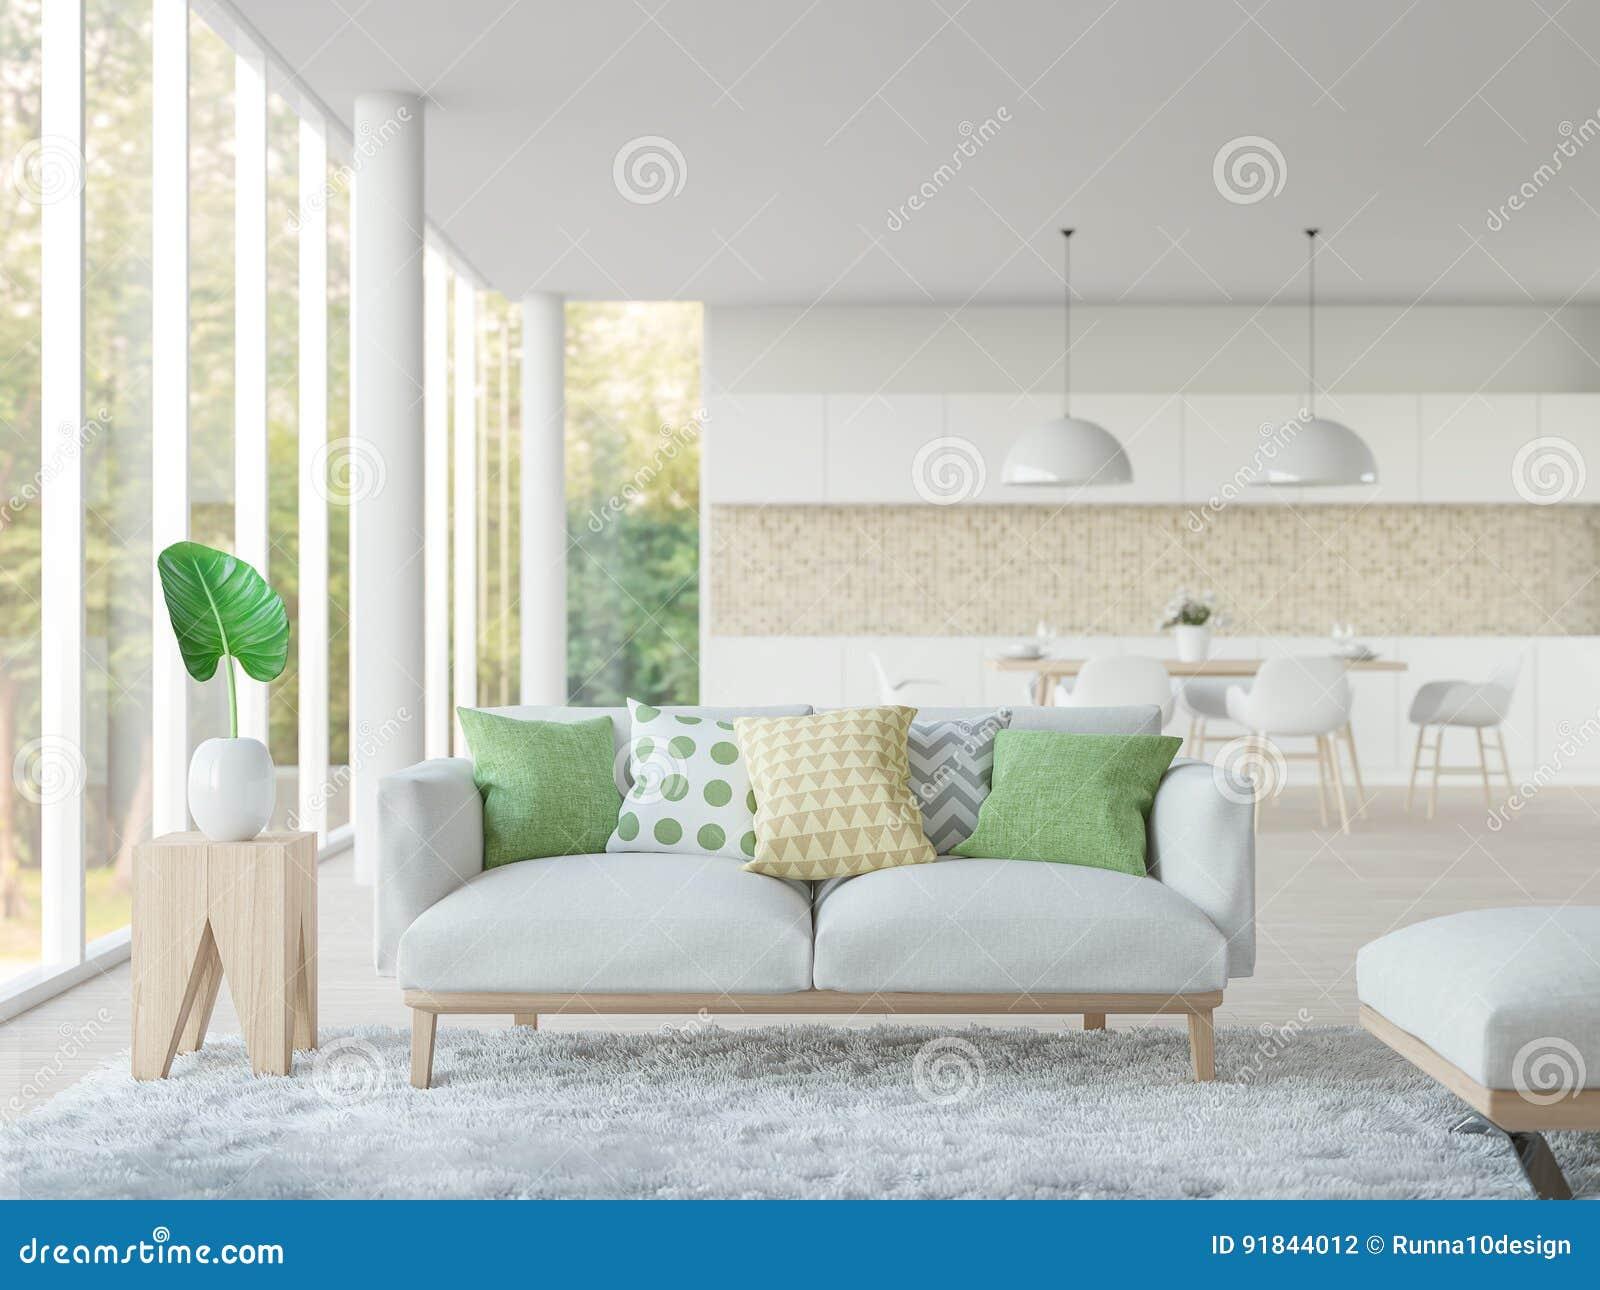 Eetkamer In Woonkamer : Modern wit woonkamer en eetkamer d teruggevend beeld stock